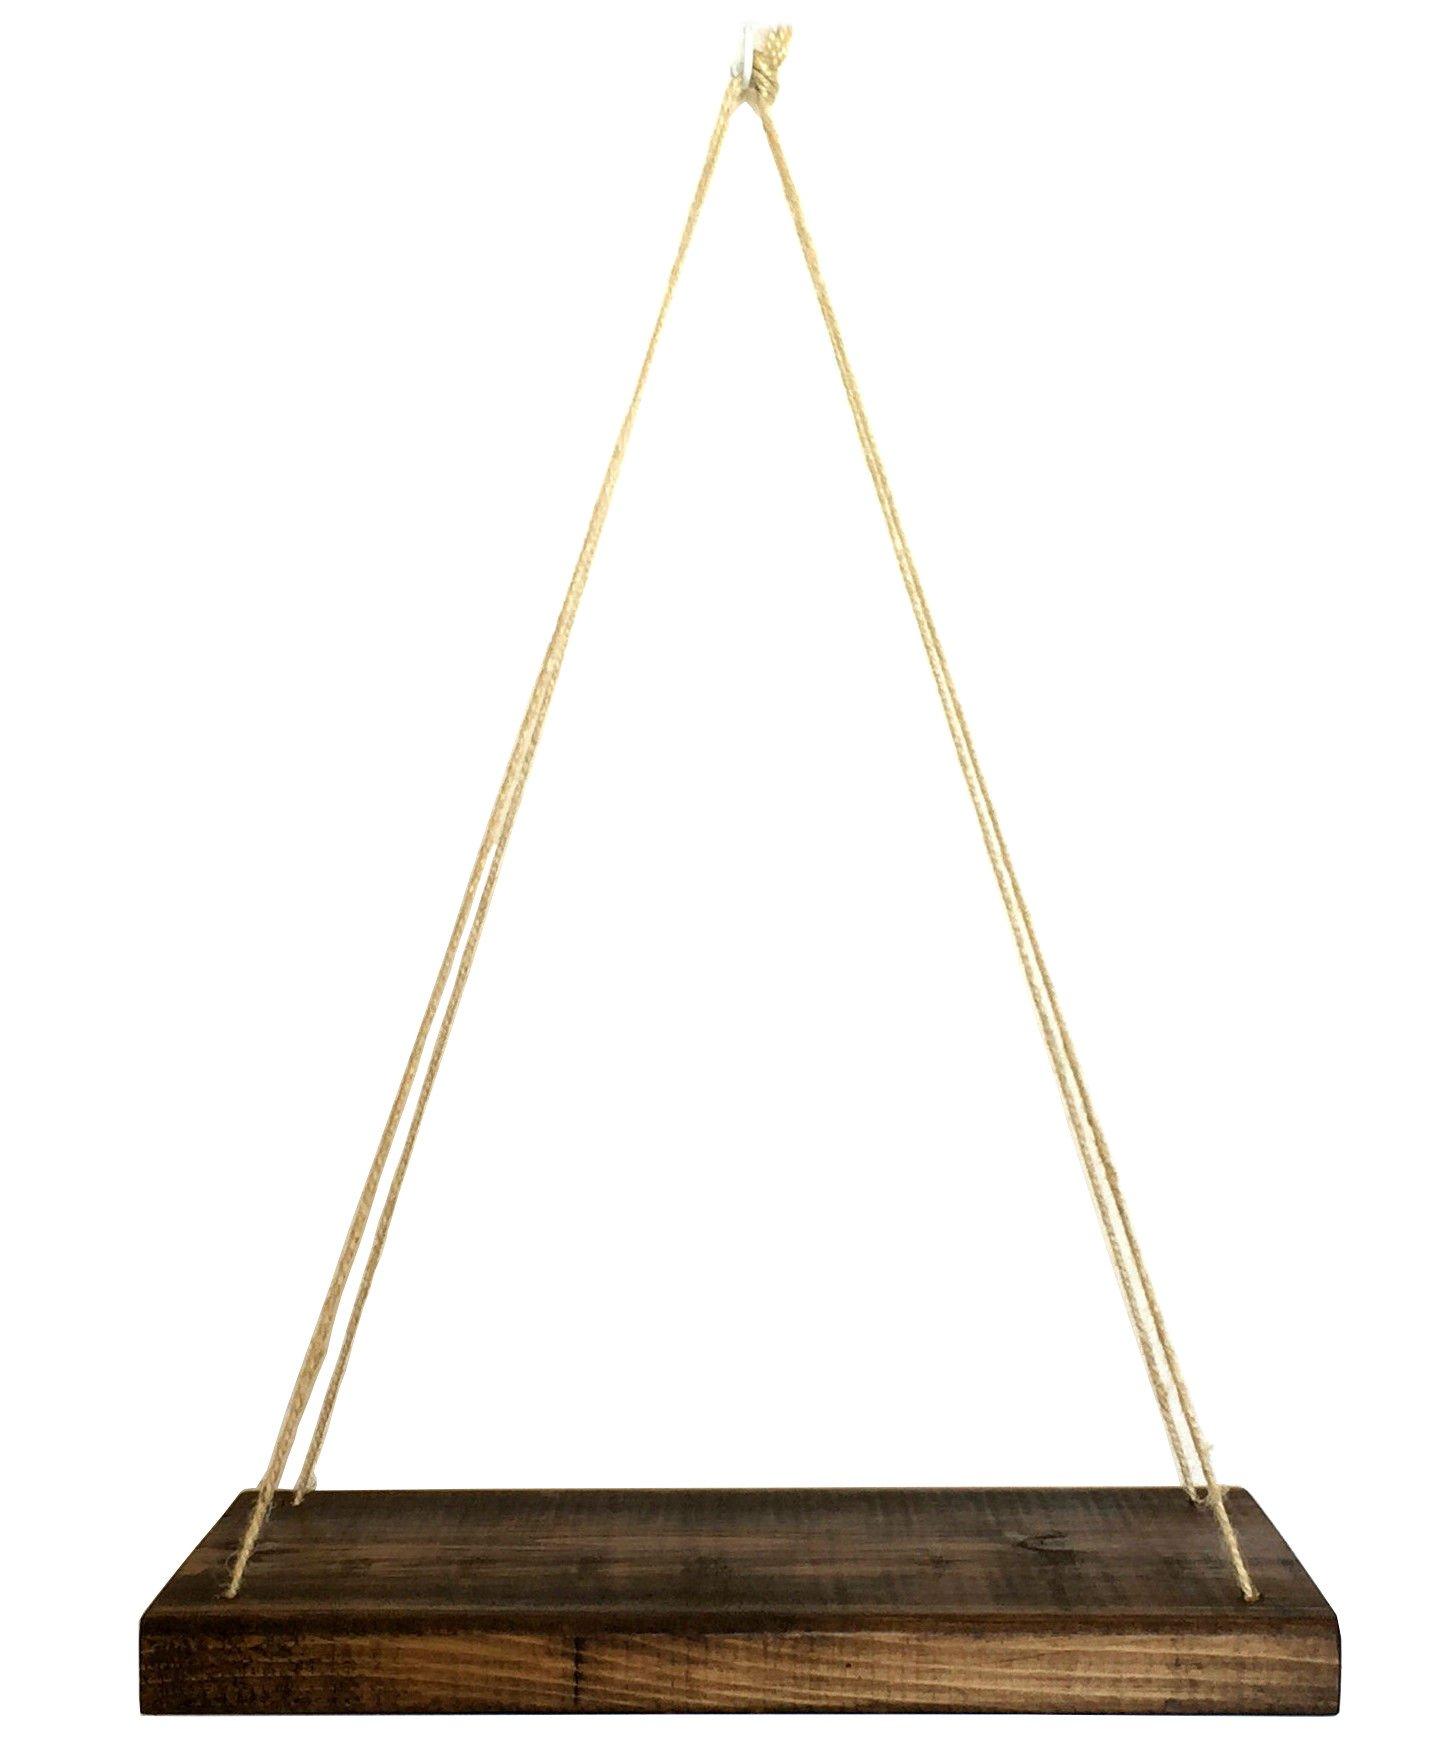 Hanging Shelf - Solid Cedar Wood Swing Shelf (10inch, Espresso)